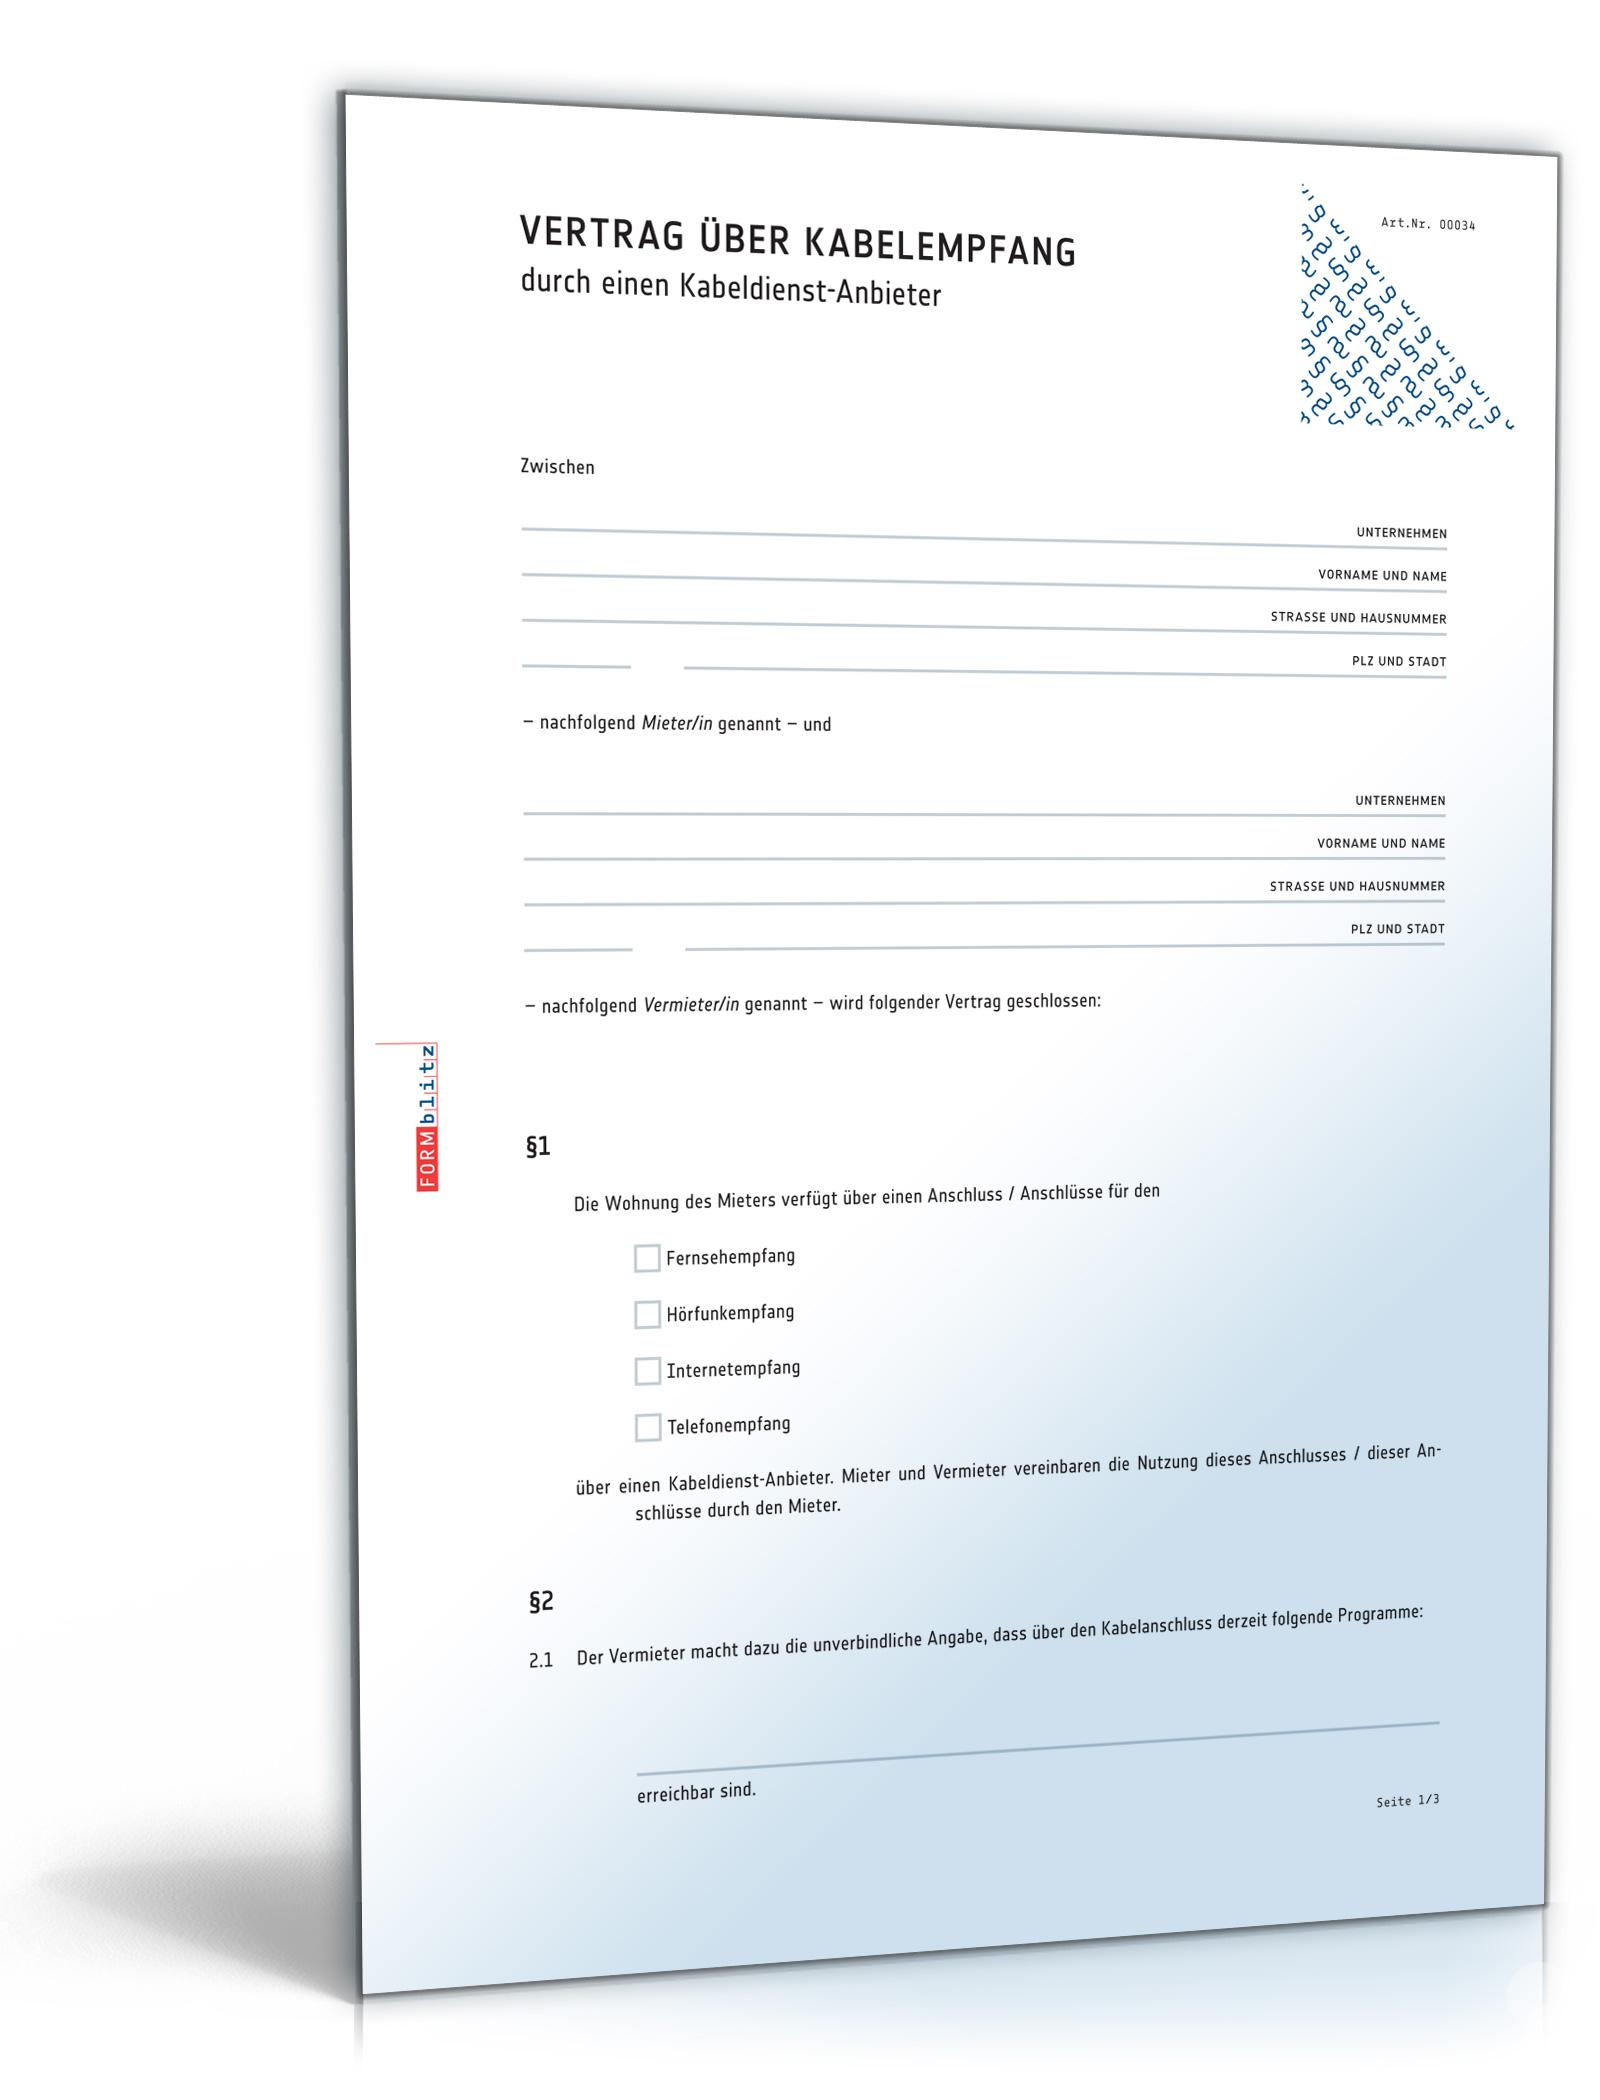 Vertrag über Kabelempfang durch einen Kabeldienst-Anbieter